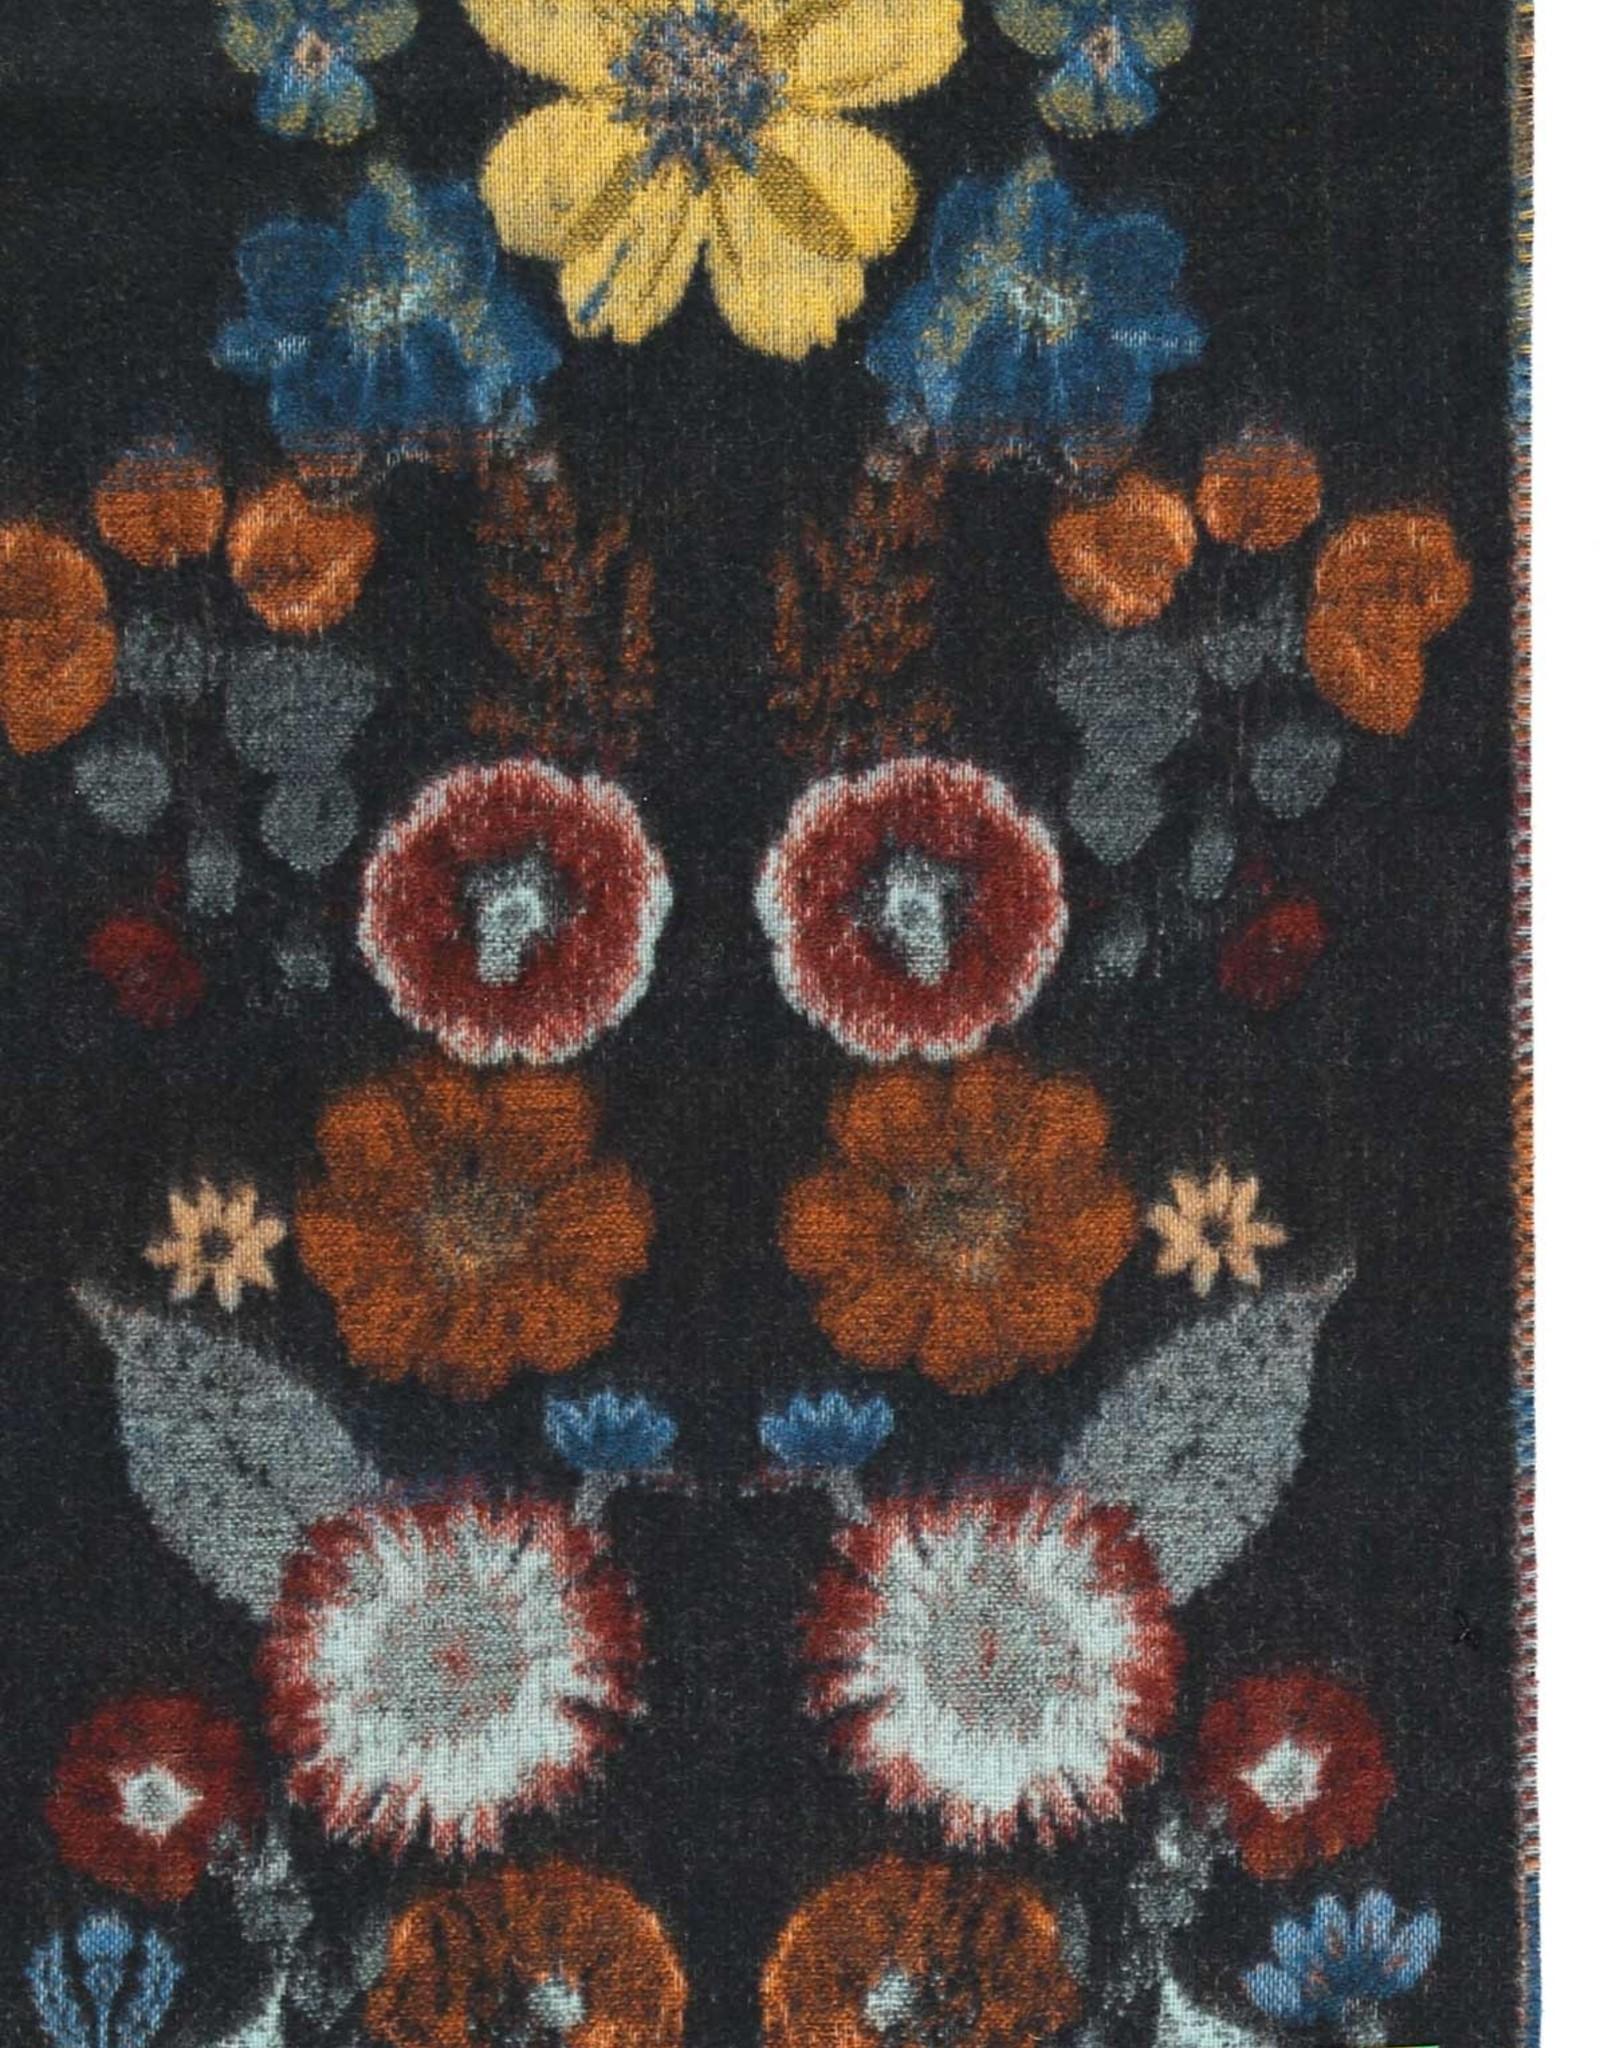 FRAAS Pressed Floral Woven Cashmink Scarf